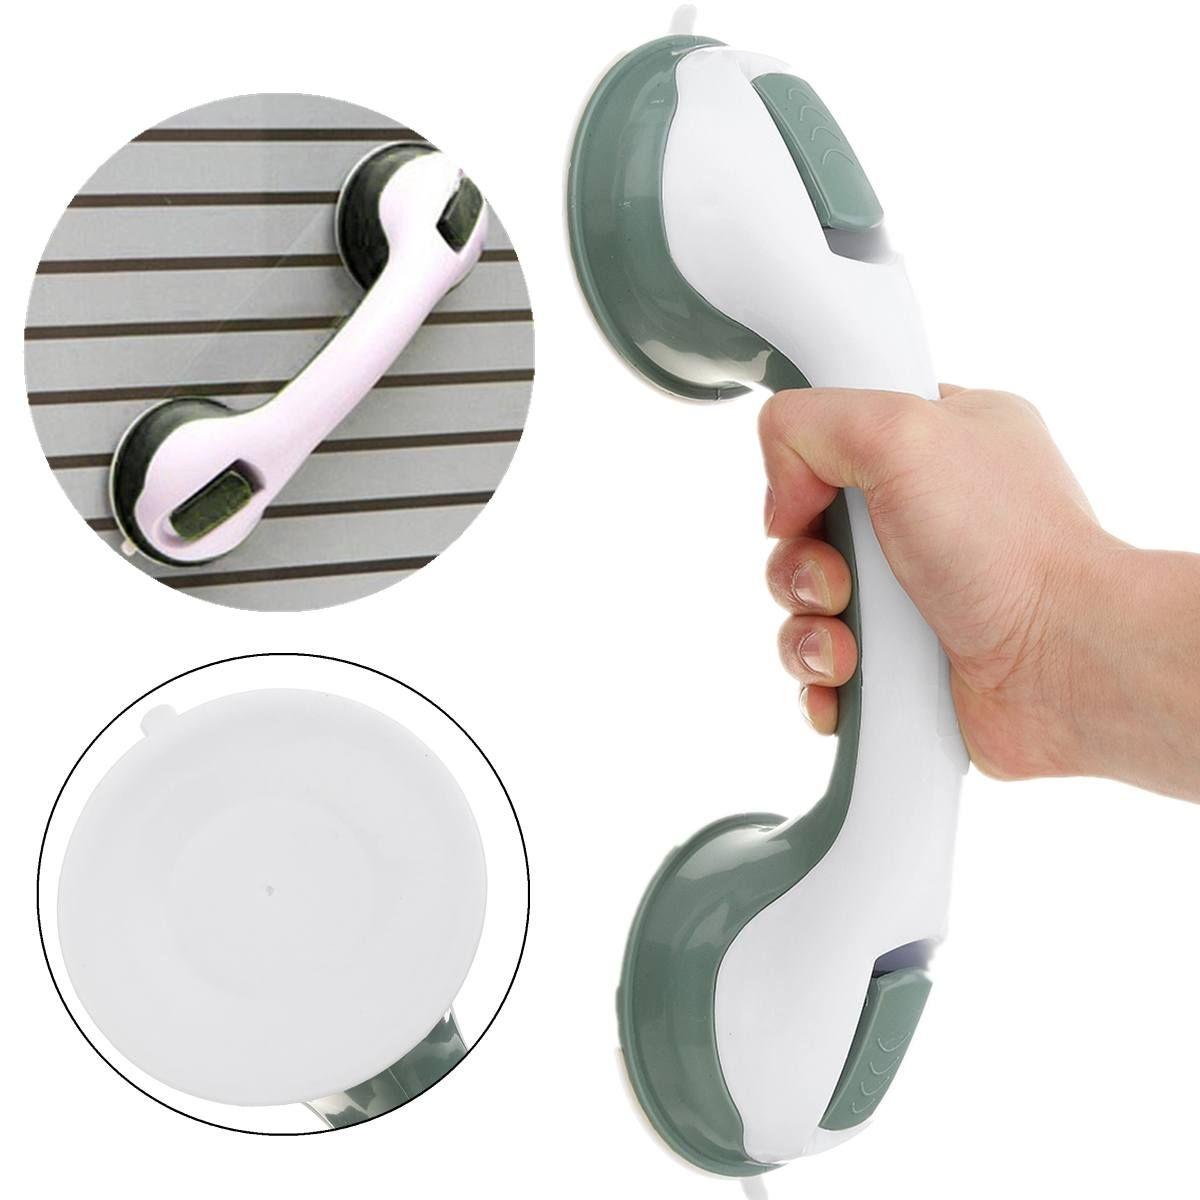 1 PC salle de bains ventouse poignée barre d'appui pour personnes âgées sécurité toilette baignoire douche baignoire salle de bains douche poignée poignée Rail Grip